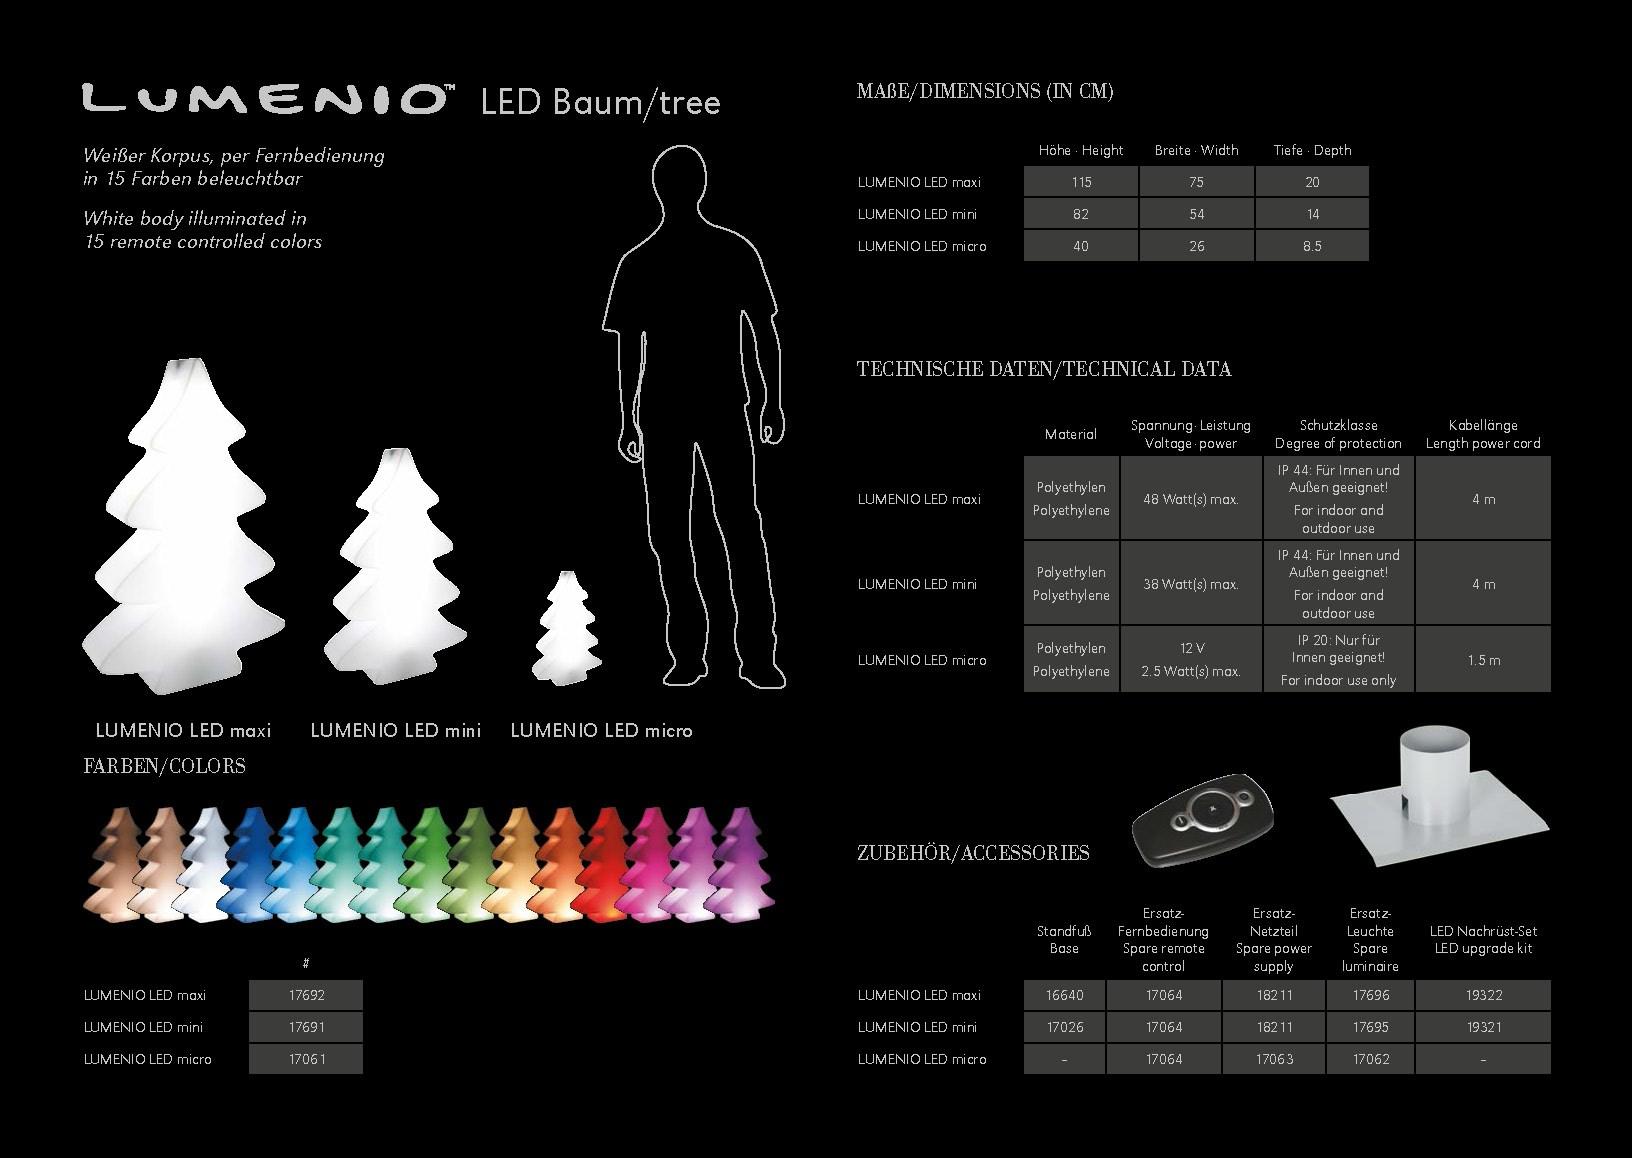 Lumino Led Baum Broschuere